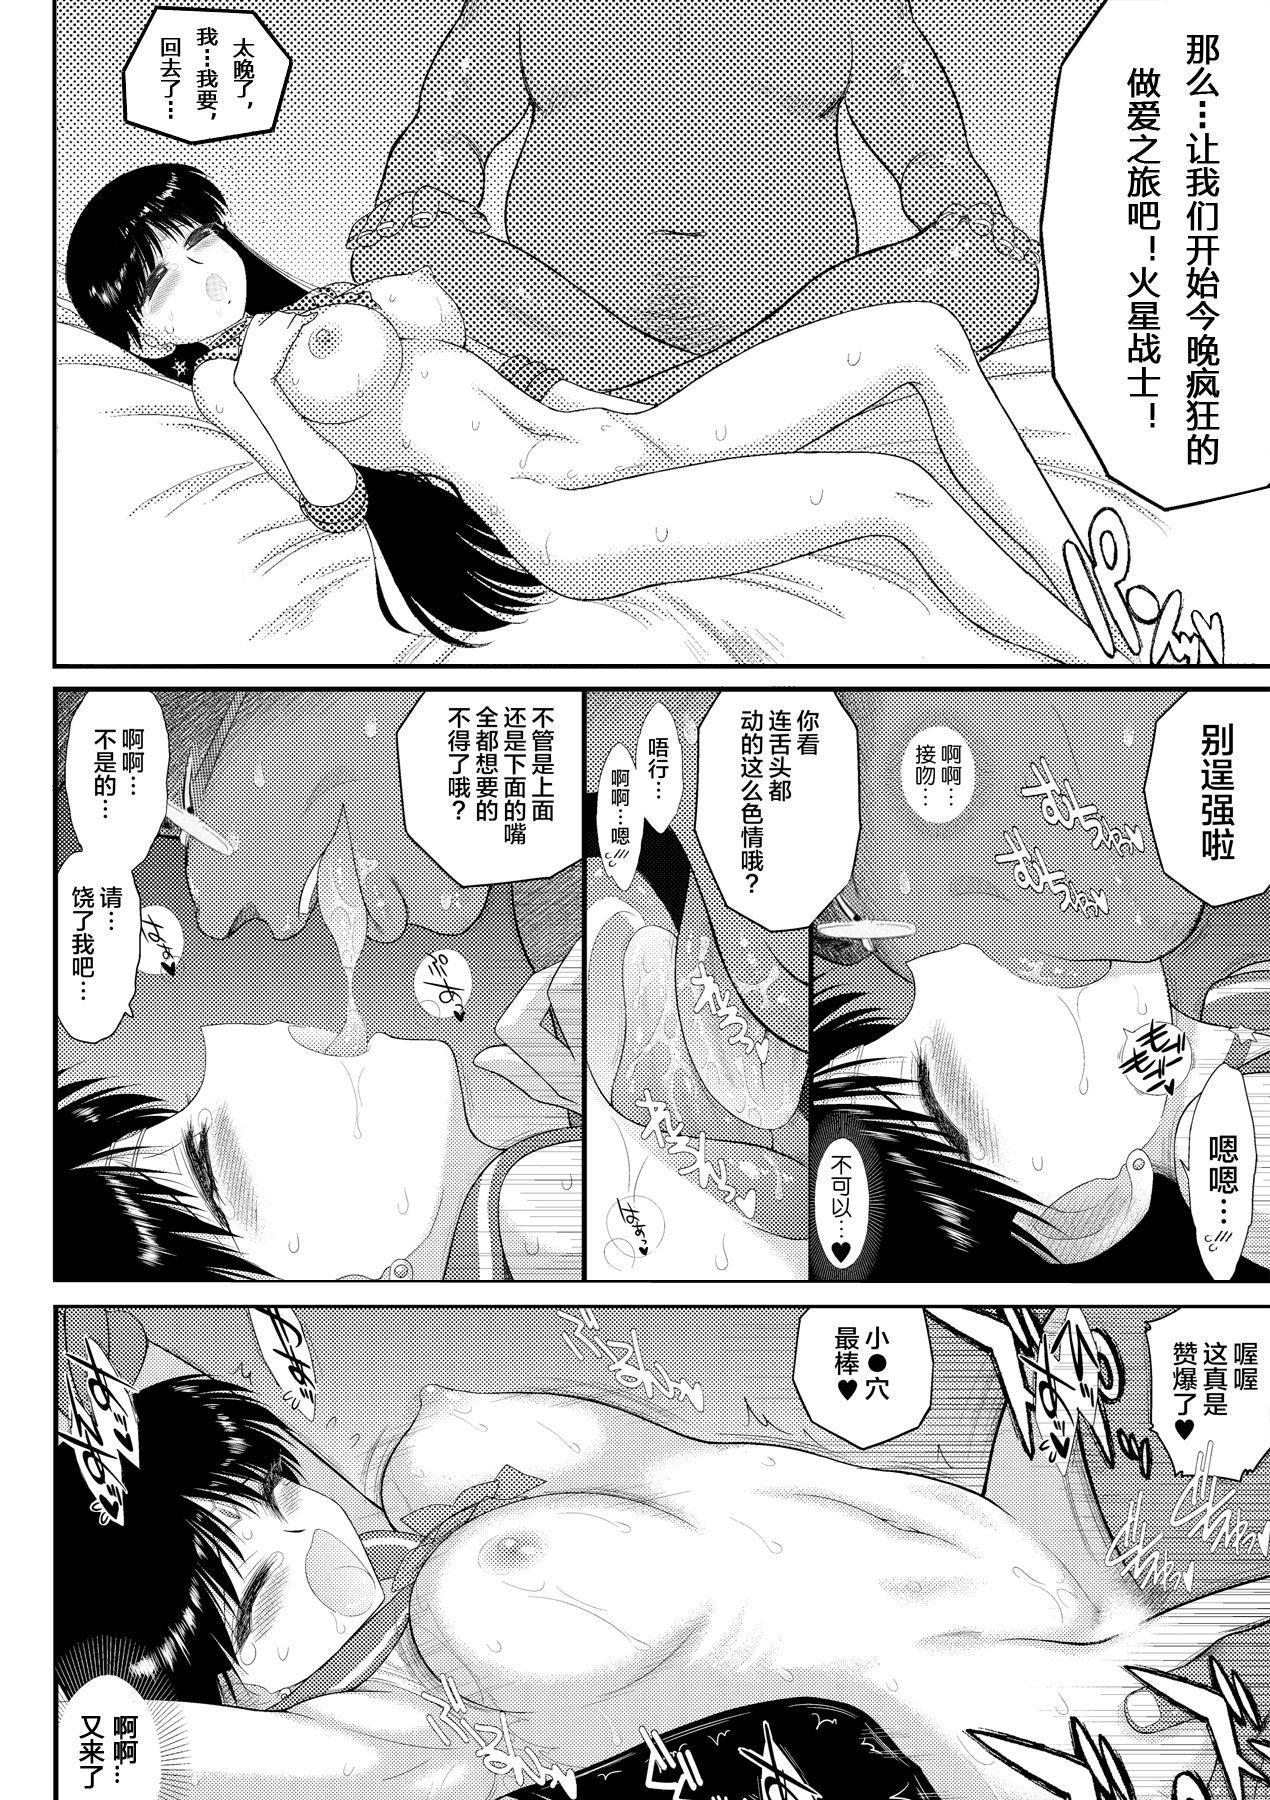 Pregnant Rei Hino 27